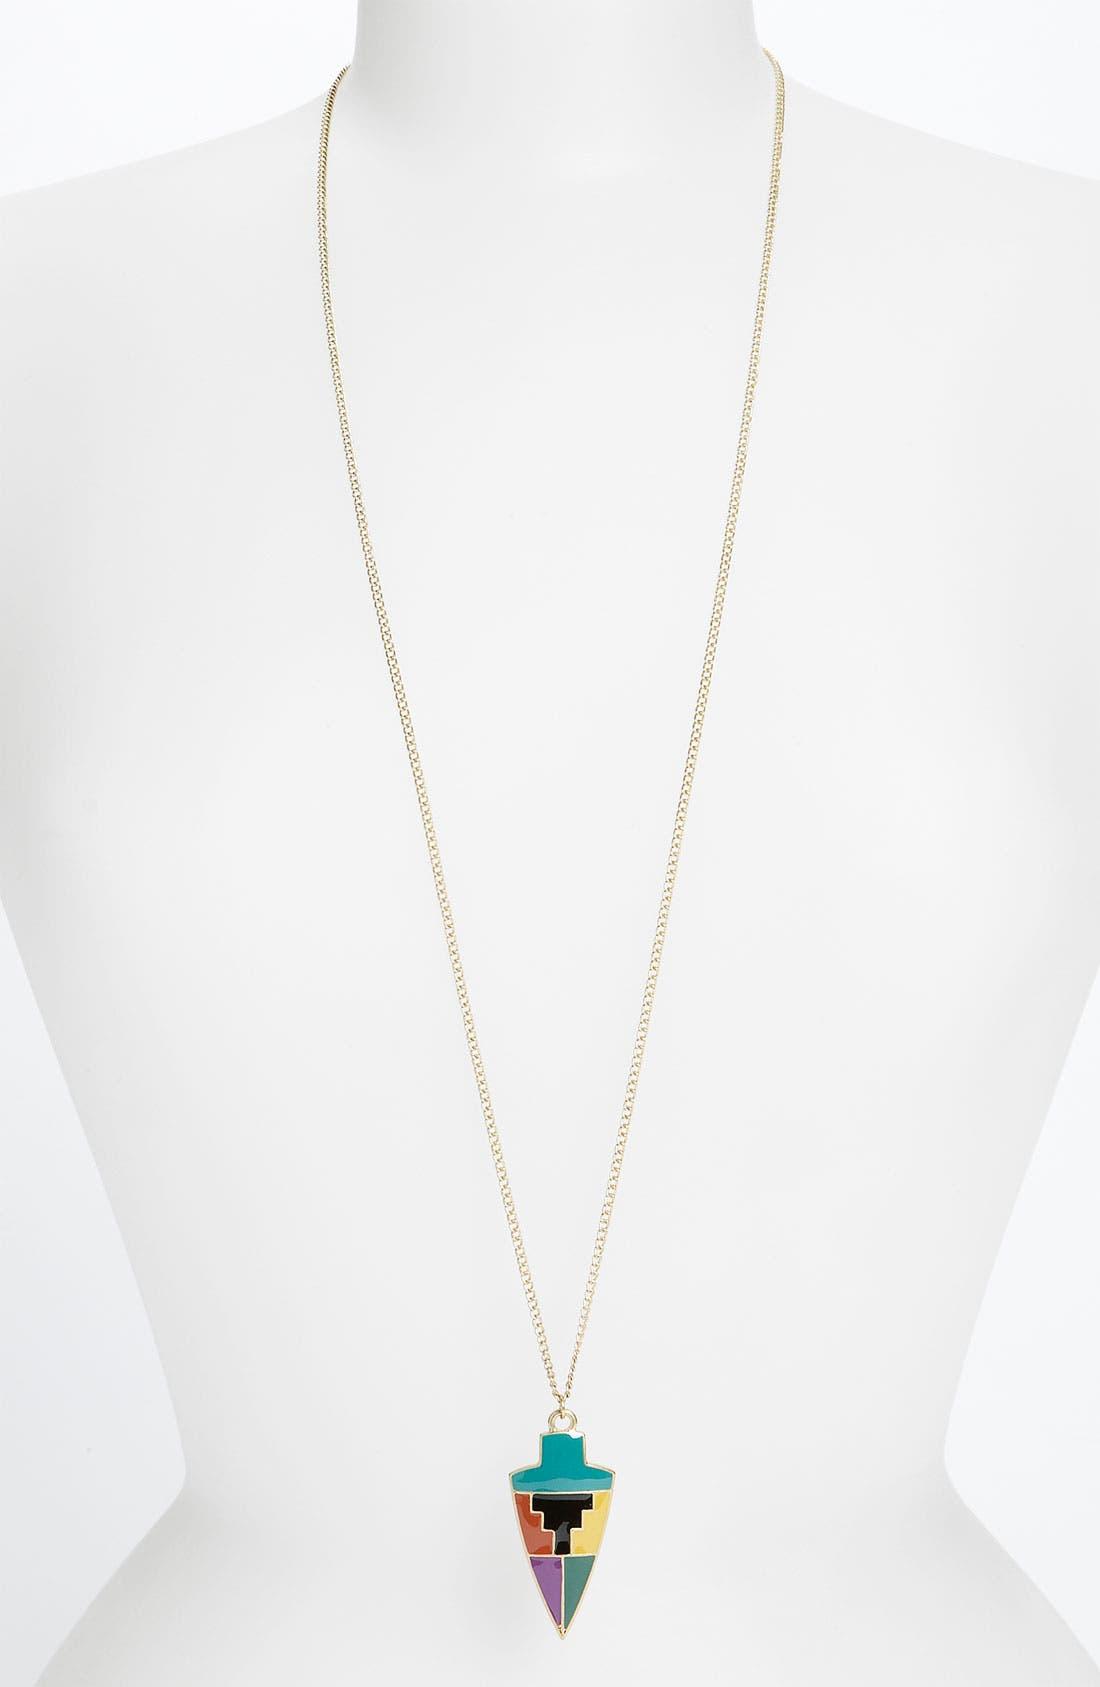 Alternate Image 1 Selected - Carole Enamel Arrow Pendant Necklace